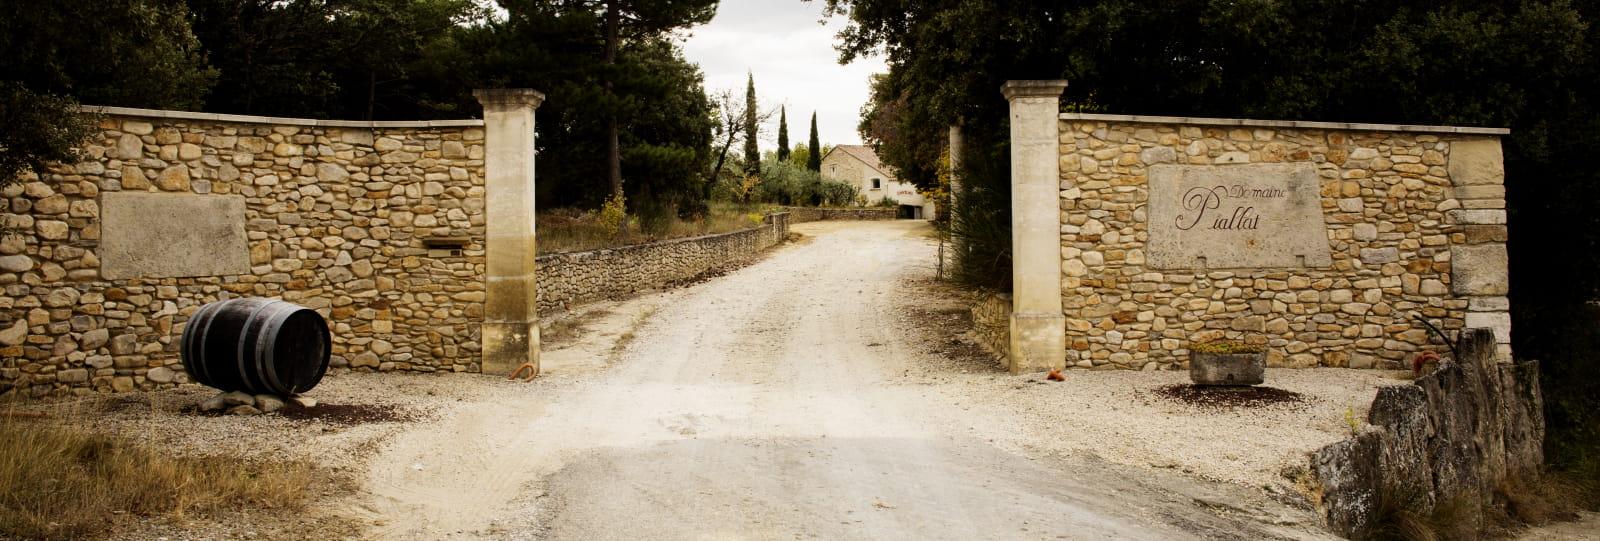 Entrée du domaine - Domaine Piallat